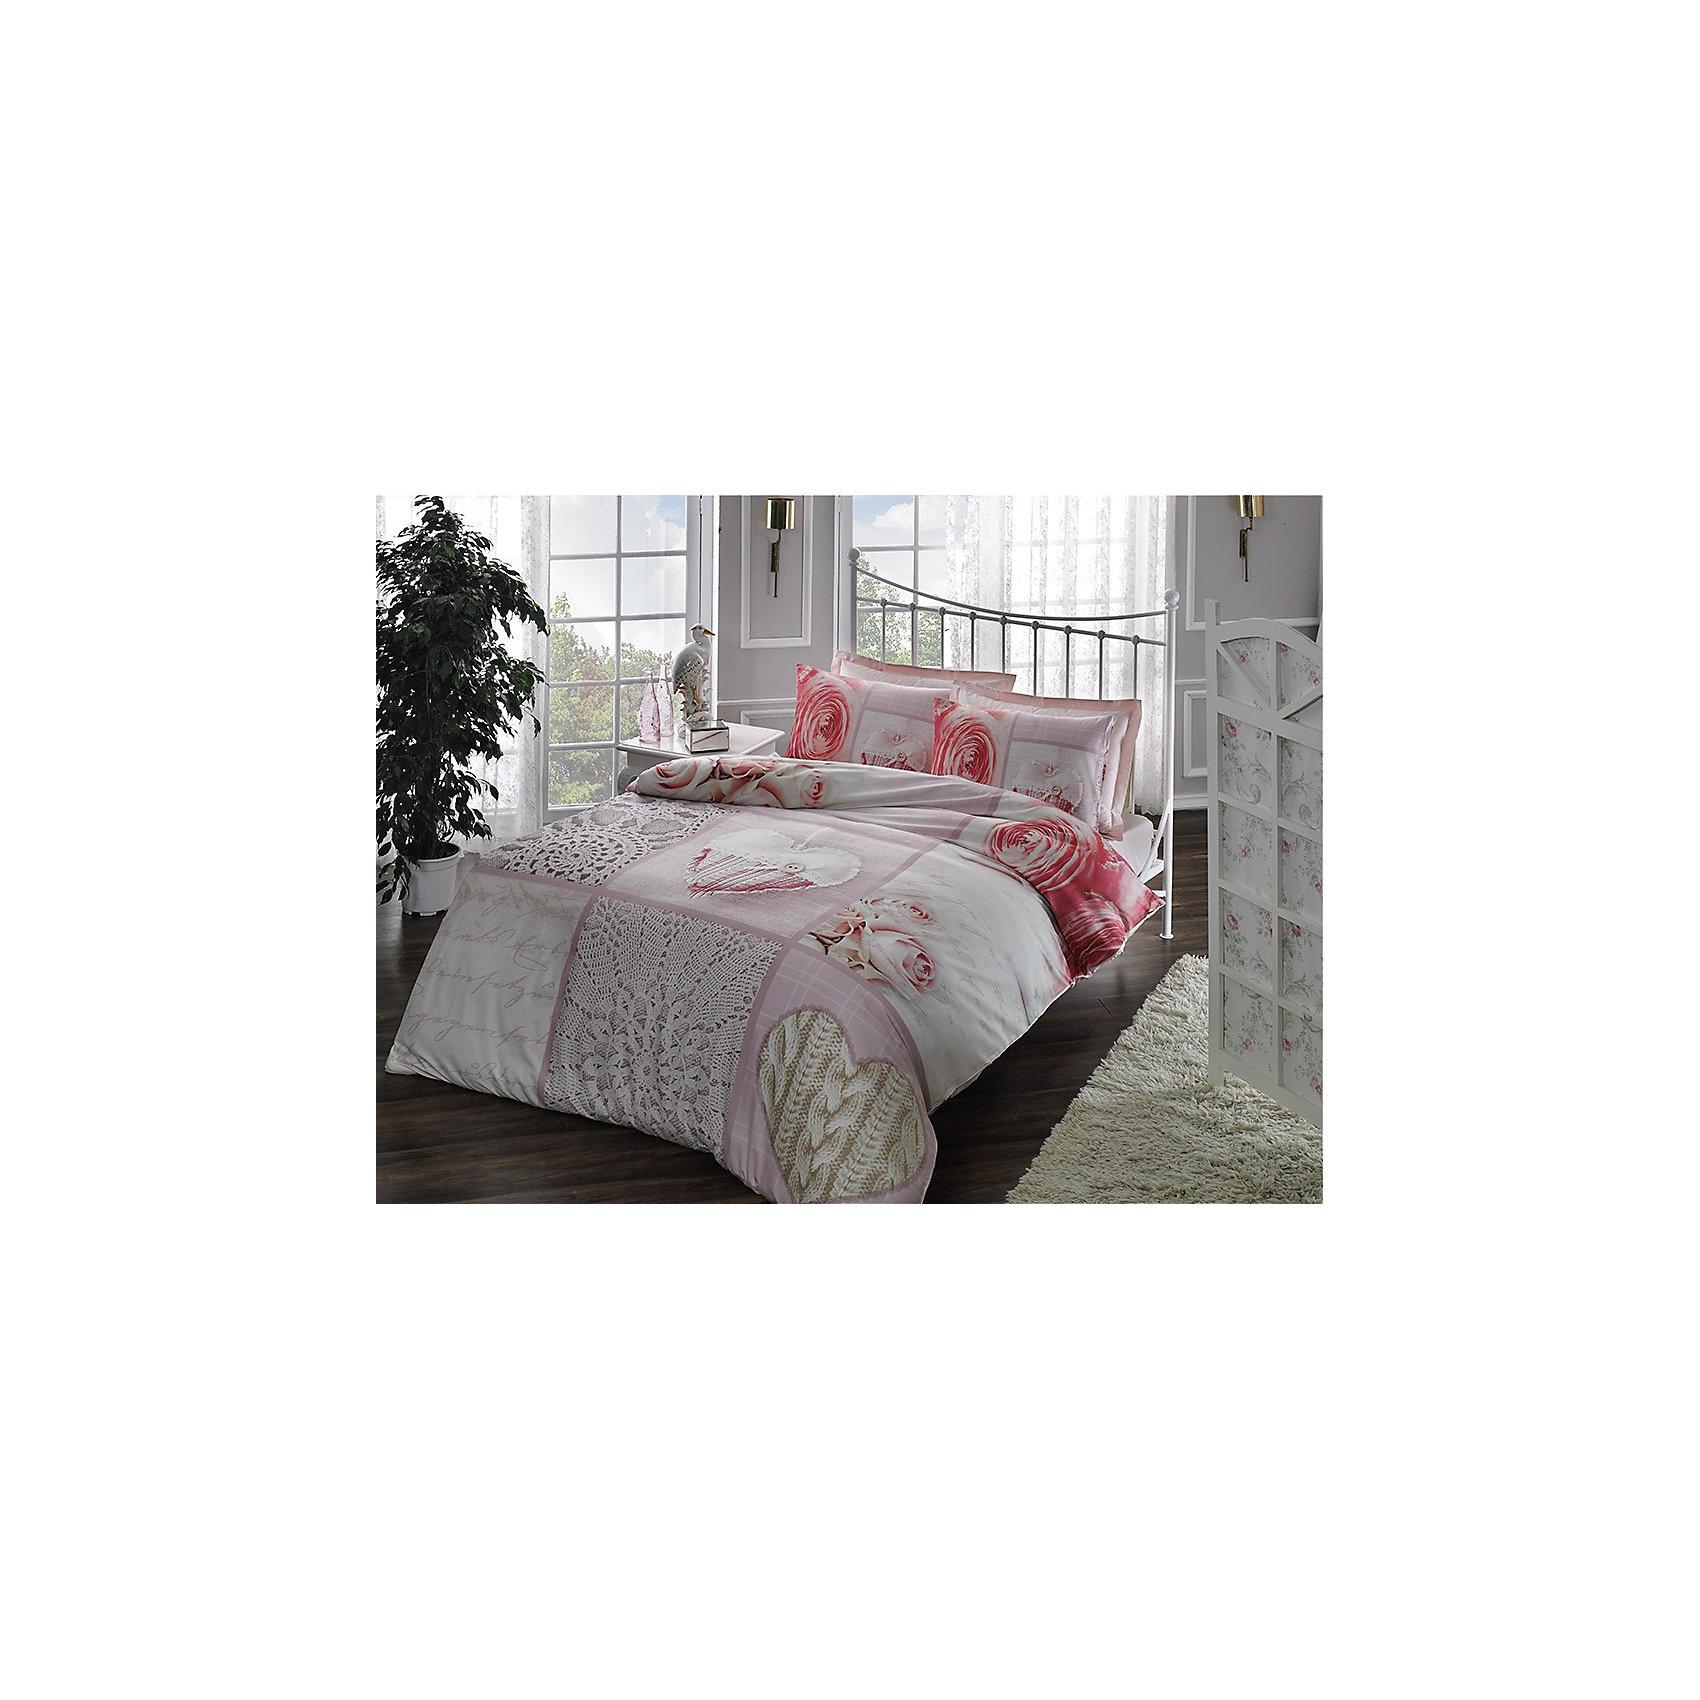 Постельное белье 2 сп Rosebud V01-PUDRA, 3D Saten, TAC, чайная розаДомашний текстиль<br>Характеристики товара: <br><br>• комплектация: пододеяльник (200х220см), наволочка 2шт. (50х70см), наволочка с валаном 2шт. (50х70см), простынь ( 240х260см);<br>• общий размер: 2-спальный;<br>• материал: хлопковый сатин (100% хлопок);<br>• цвет: чайная роза;<br>• страна бренда: Турция;<br>• страна производитель: Турция.<br><br>Это постельное бельё от турецкого бренда TAC (ТАЧ) отлично впишется в интерьер. Несмотря на плотность ткани, она состоит из мельчайших волокон, что придаёт мягкость и воздушность изделию. Все материалы, которые входят в состав этого комплекта, гипоаллергенны и не вызывают неприятных ощущений. <br><br>Благодаря сильно скрученным нитям в плотной ткани материал становится гладким и немного блестящим. Такие материалы не электризуются, а наоборот способствуют улучшению сна и хорошо пропускают воздух. <br><br>Такой комплект можно смело стирать, сатин хорошо сохраняет яркость красок, даже после частых стирок рисунок не выцветает и не покрывается катышками. Рекомендуется стирать обычным порошком. <br><br>Постельное белье Rosebud (Роусбад) можно купить в нашем интернет-магазине.<br><br>Ширина мм: 370<br>Глубина мм: 70<br>Высота мм: 370<br>Вес г: 3300<br>Возраст от месяцев: 216<br>Возраст до месяцев: 1188<br>Пол: Унисекс<br>Возраст: Детский<br>SKU: 6849293